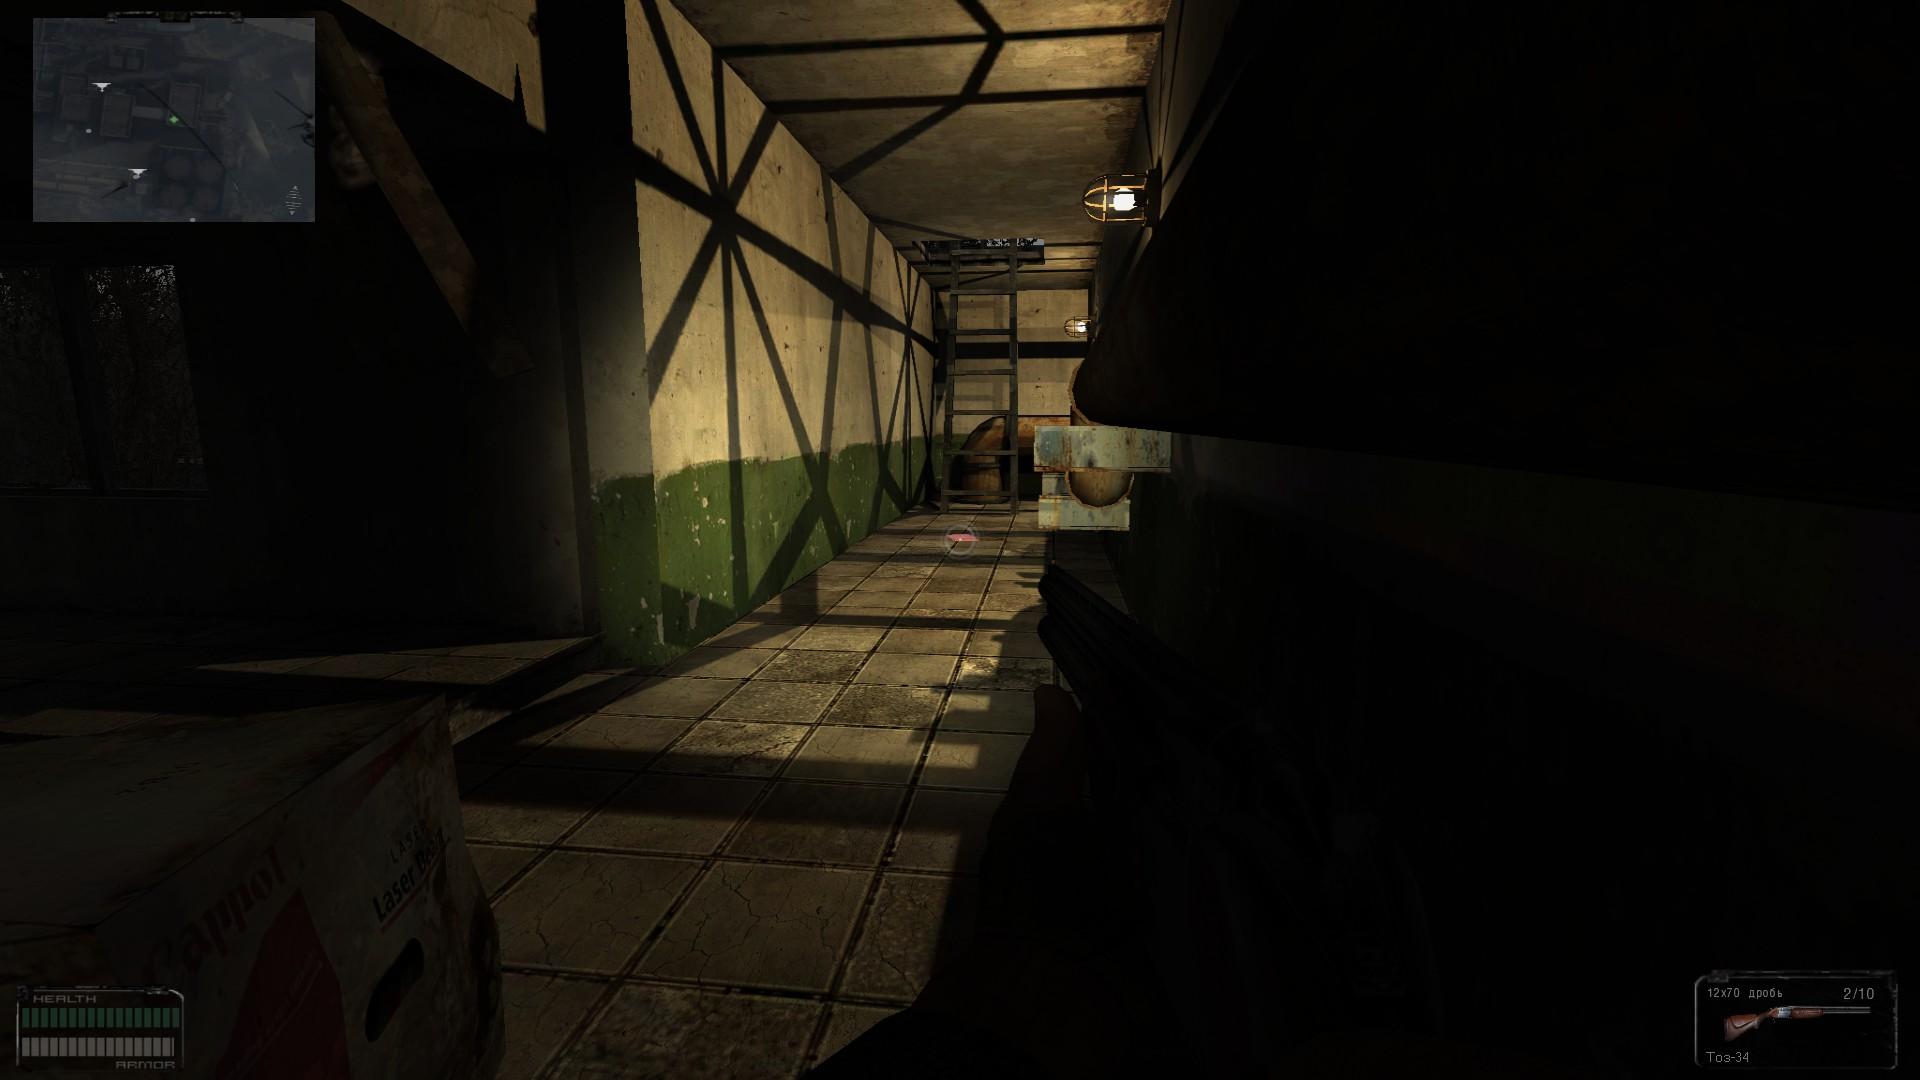 Oblivion Lost Remake 2.5 image 127